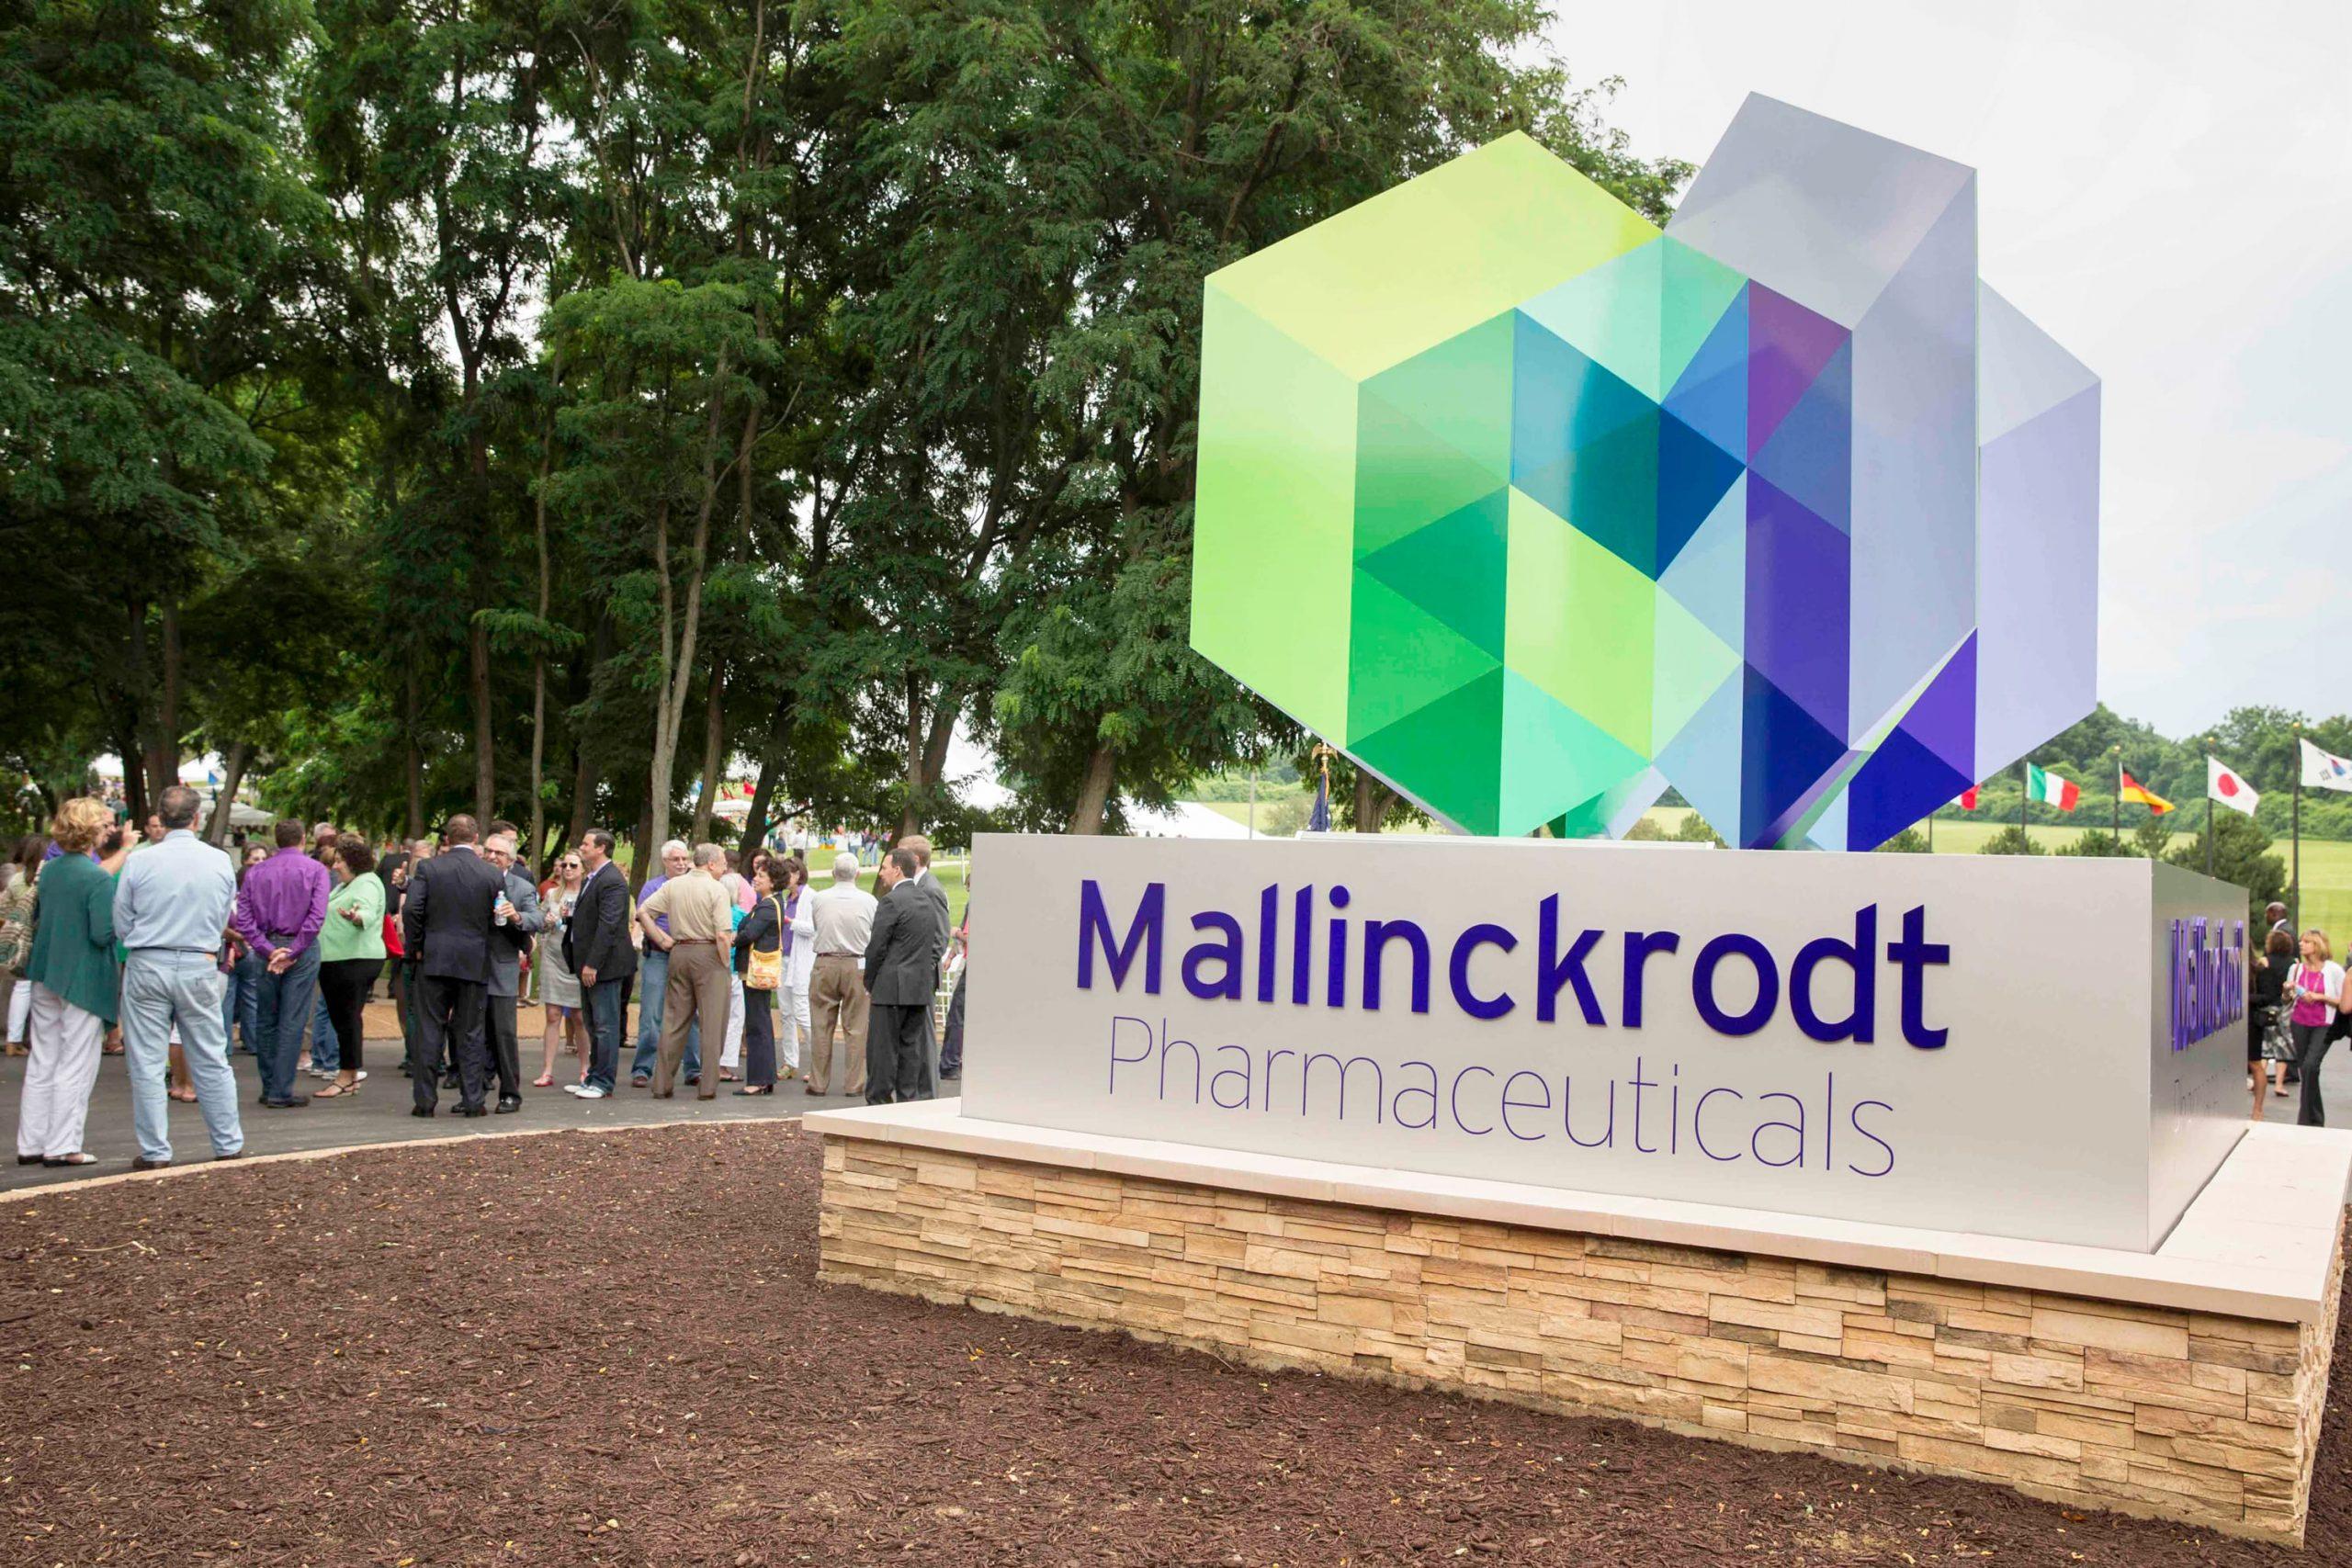 Акции Mallinckrodt - цена и прогноз в 2021 году